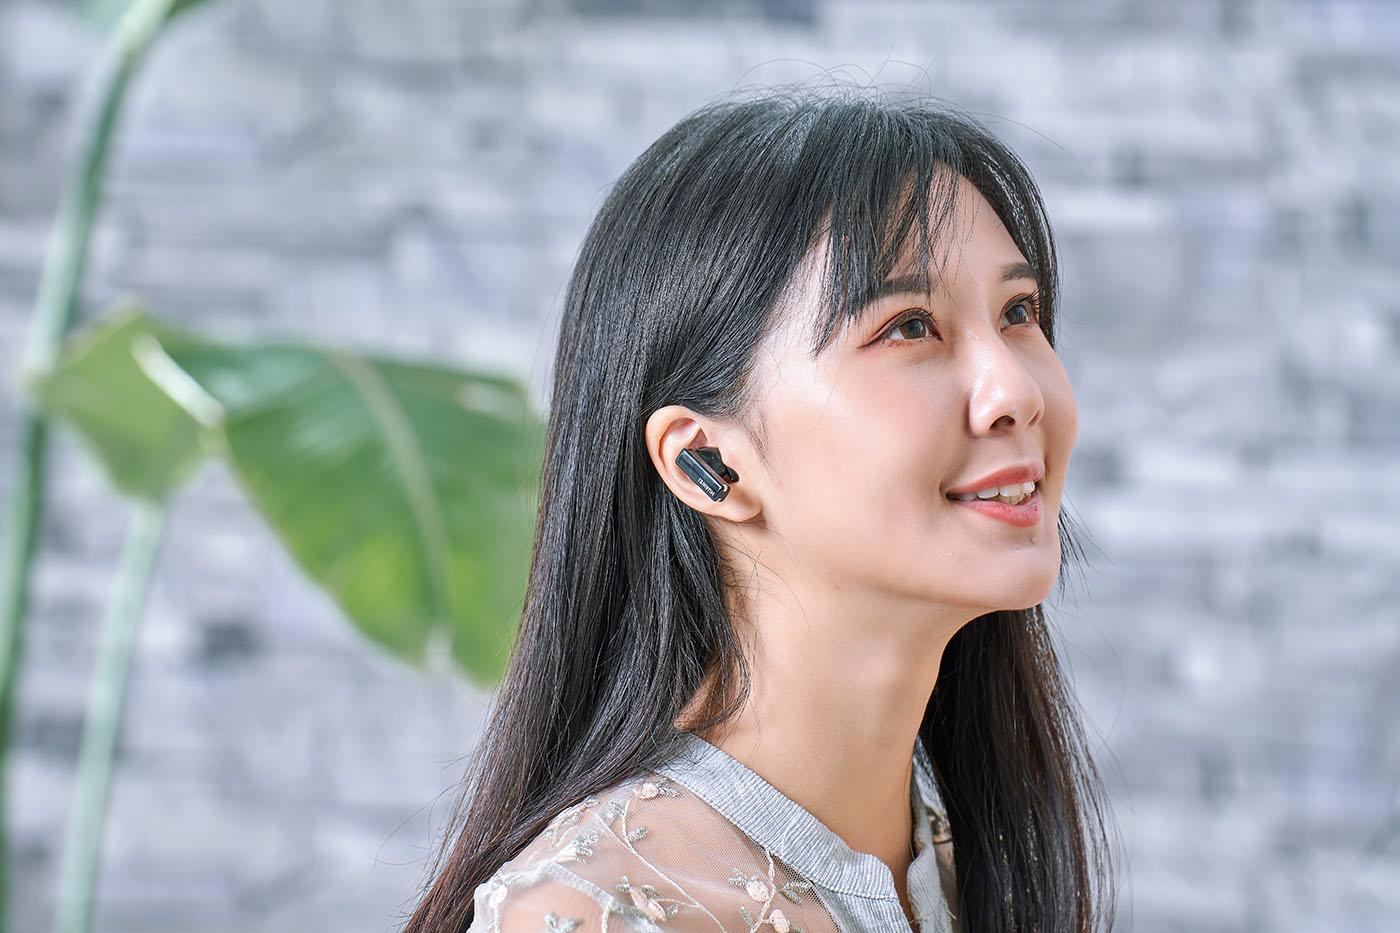 全球首款智能動態降噪耳機 Huawei FreeBuds Pro 寧靜評測